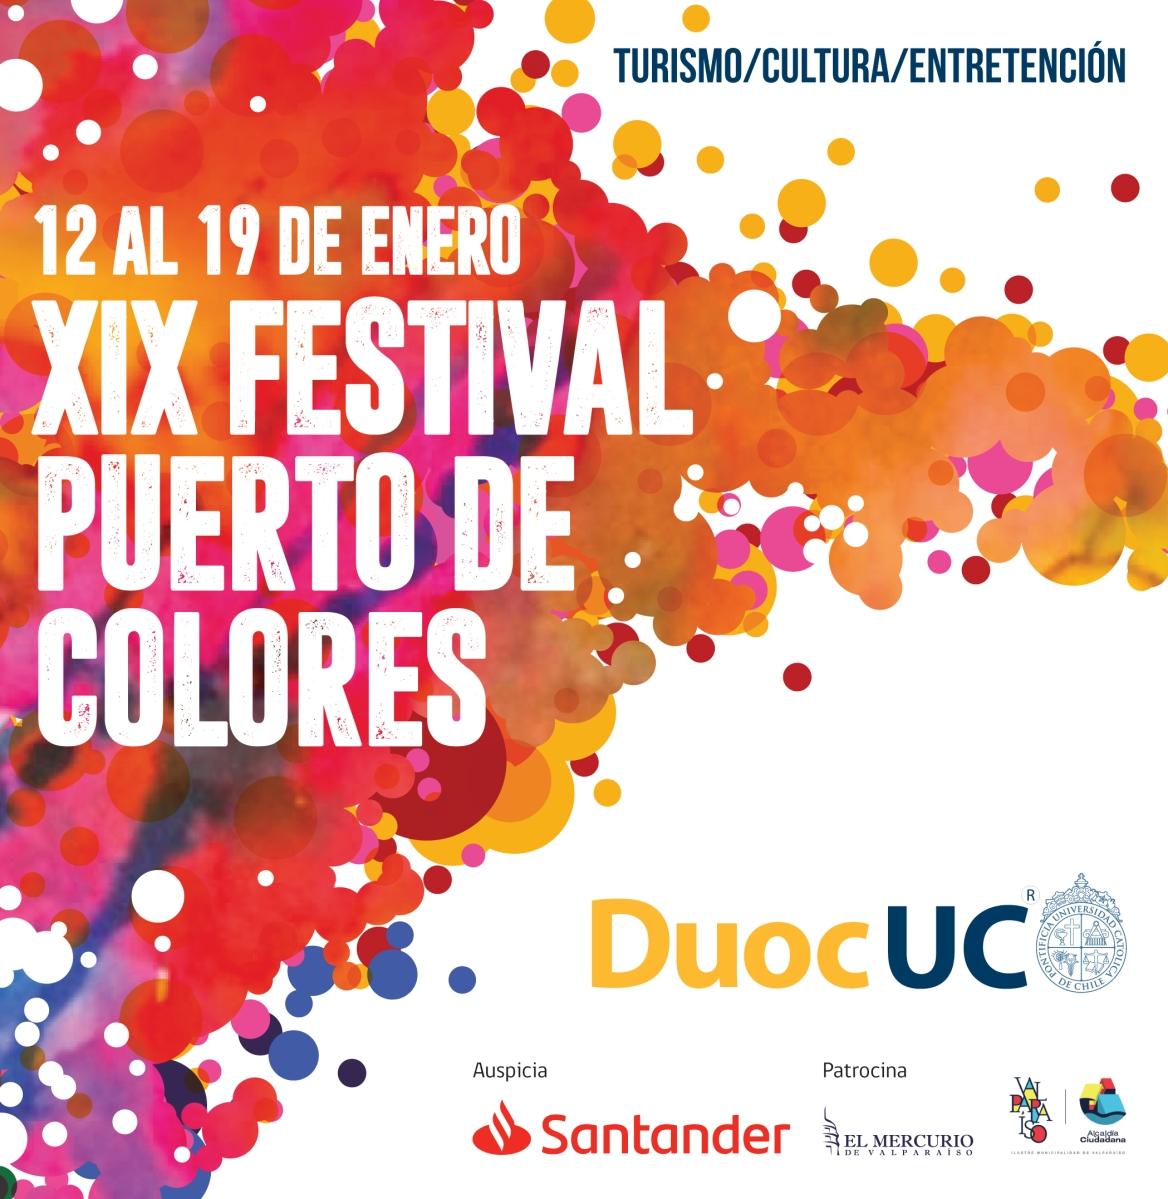 Aquí toda la programación del Festival Puerto de Colores DUOC UC